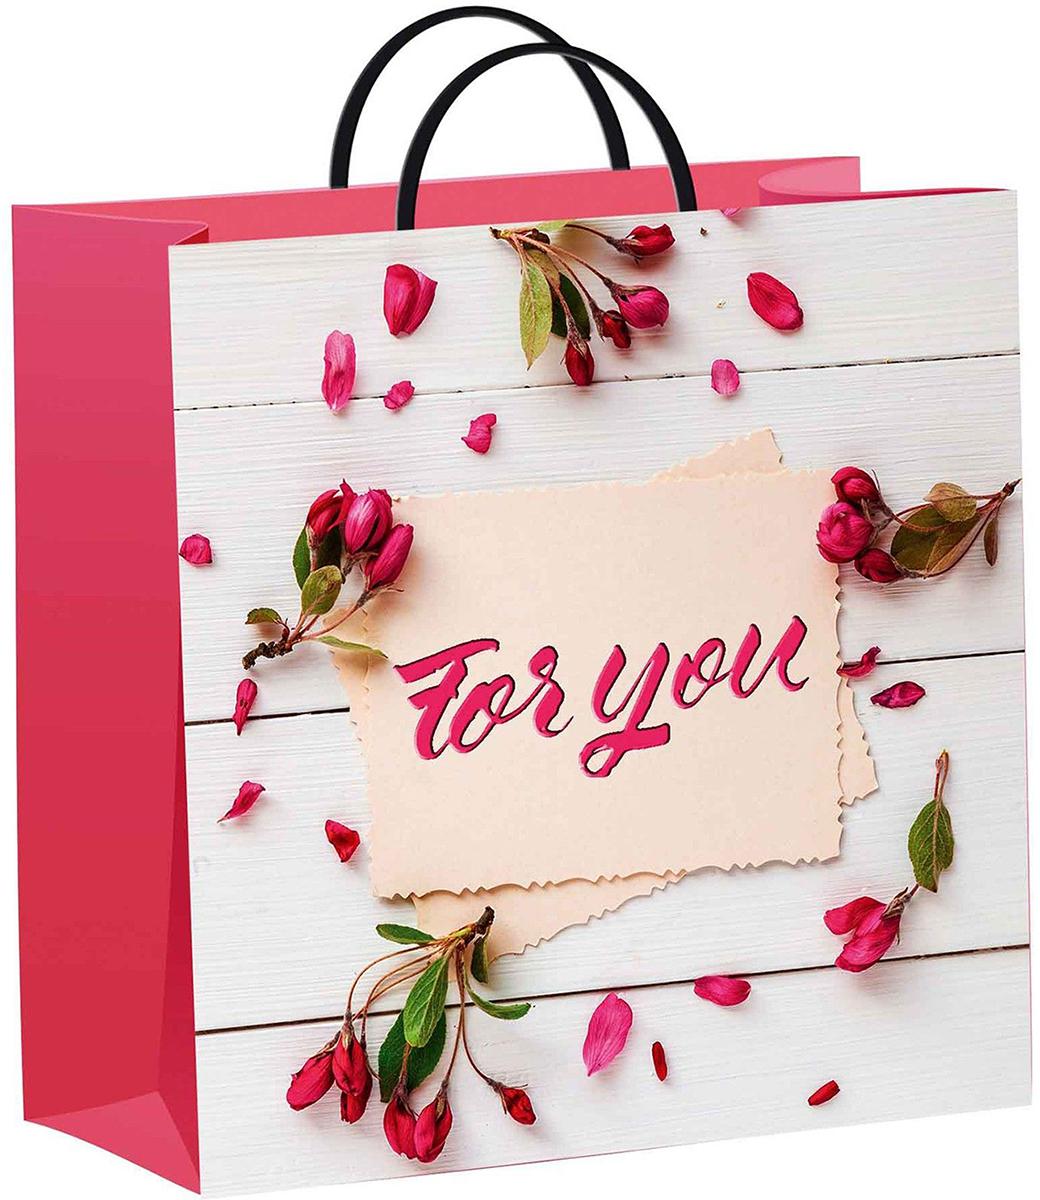 Пакет подарочный ТикоПластик Письмо для тебя, цвет: мультиколор, 30 х 30 см. 22505532250553Любой подарок начинается с упаковки. Что может быть трогательнее и волшебнее, чем ритуал разворачивания полученного презента. И именно оригинальная, со вкусом выбранная упаковка выделит ваш подарок из массы других. Она продемонстрирует самые теплые чувства к виновнику торжества и создаст сказочную атмосферу праздника - это то, что вы искали.